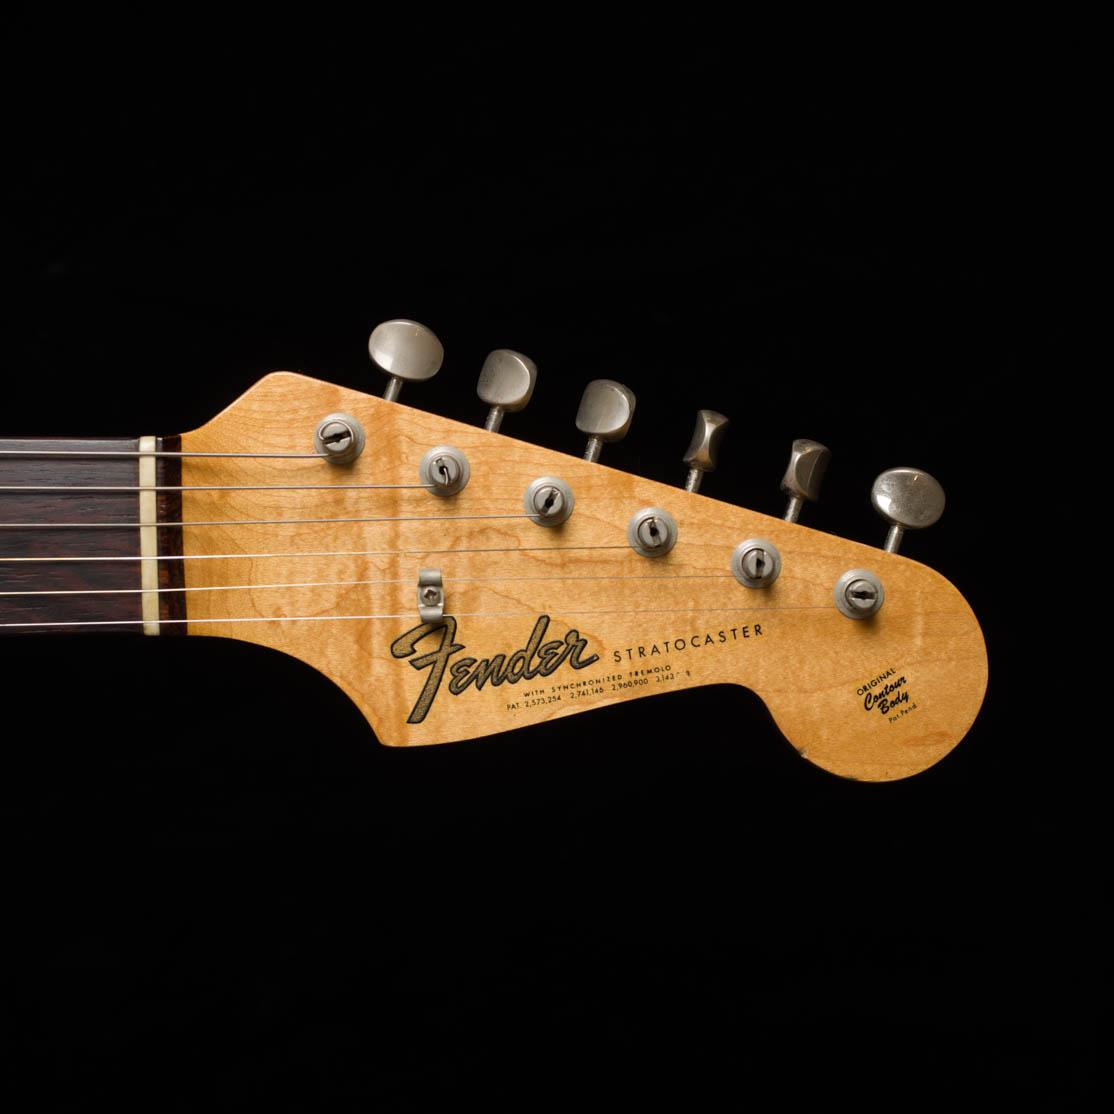 FENDER Stratocaster 1965年 (Vintage)